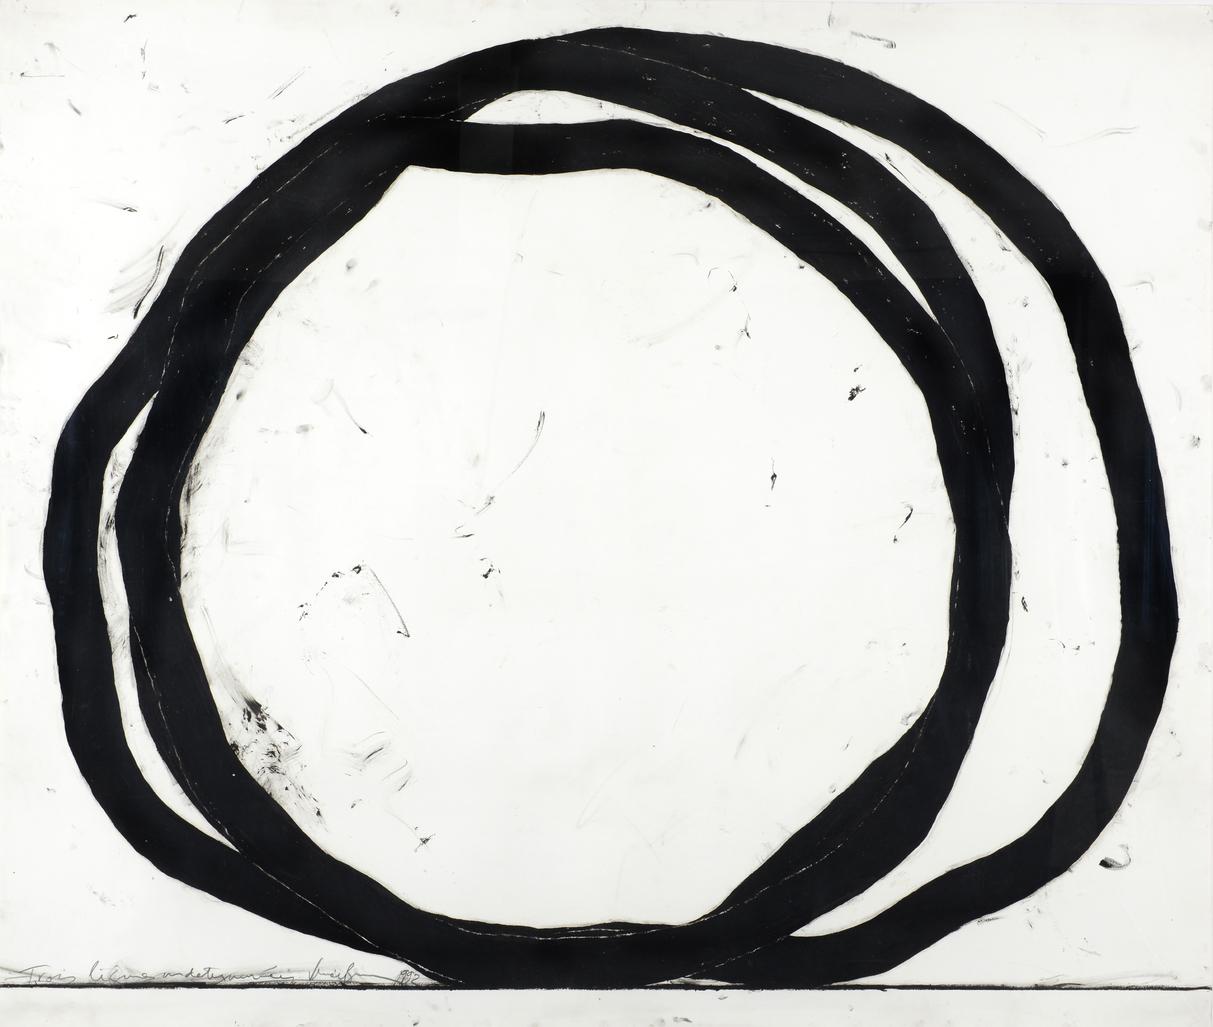 Trois Lignes Indeterminées by Venet Bernar